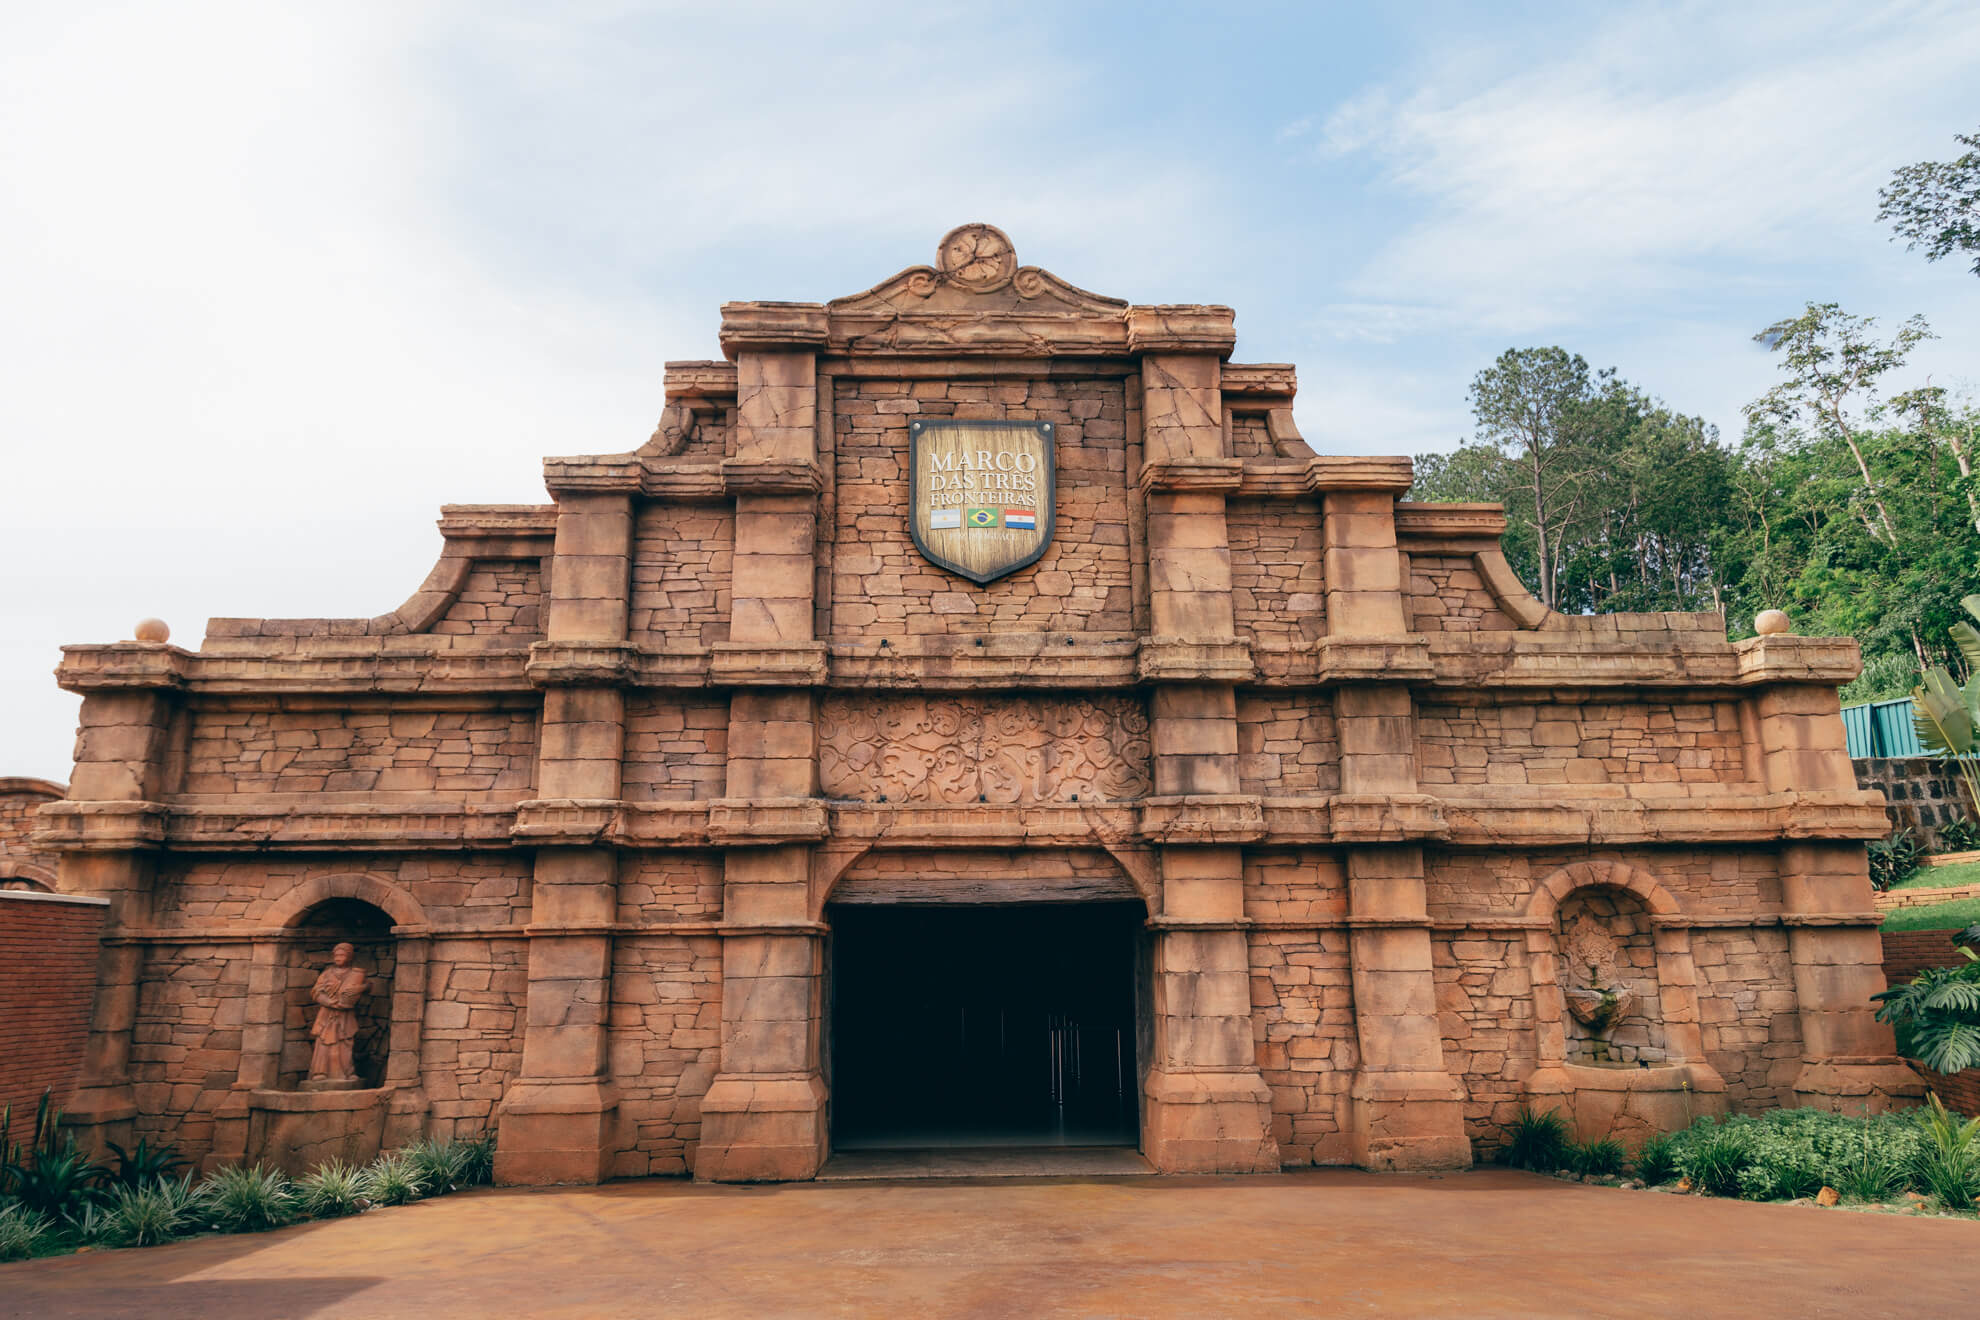 Centro de Visitantes, entrada do Marco das Três Fronteiras